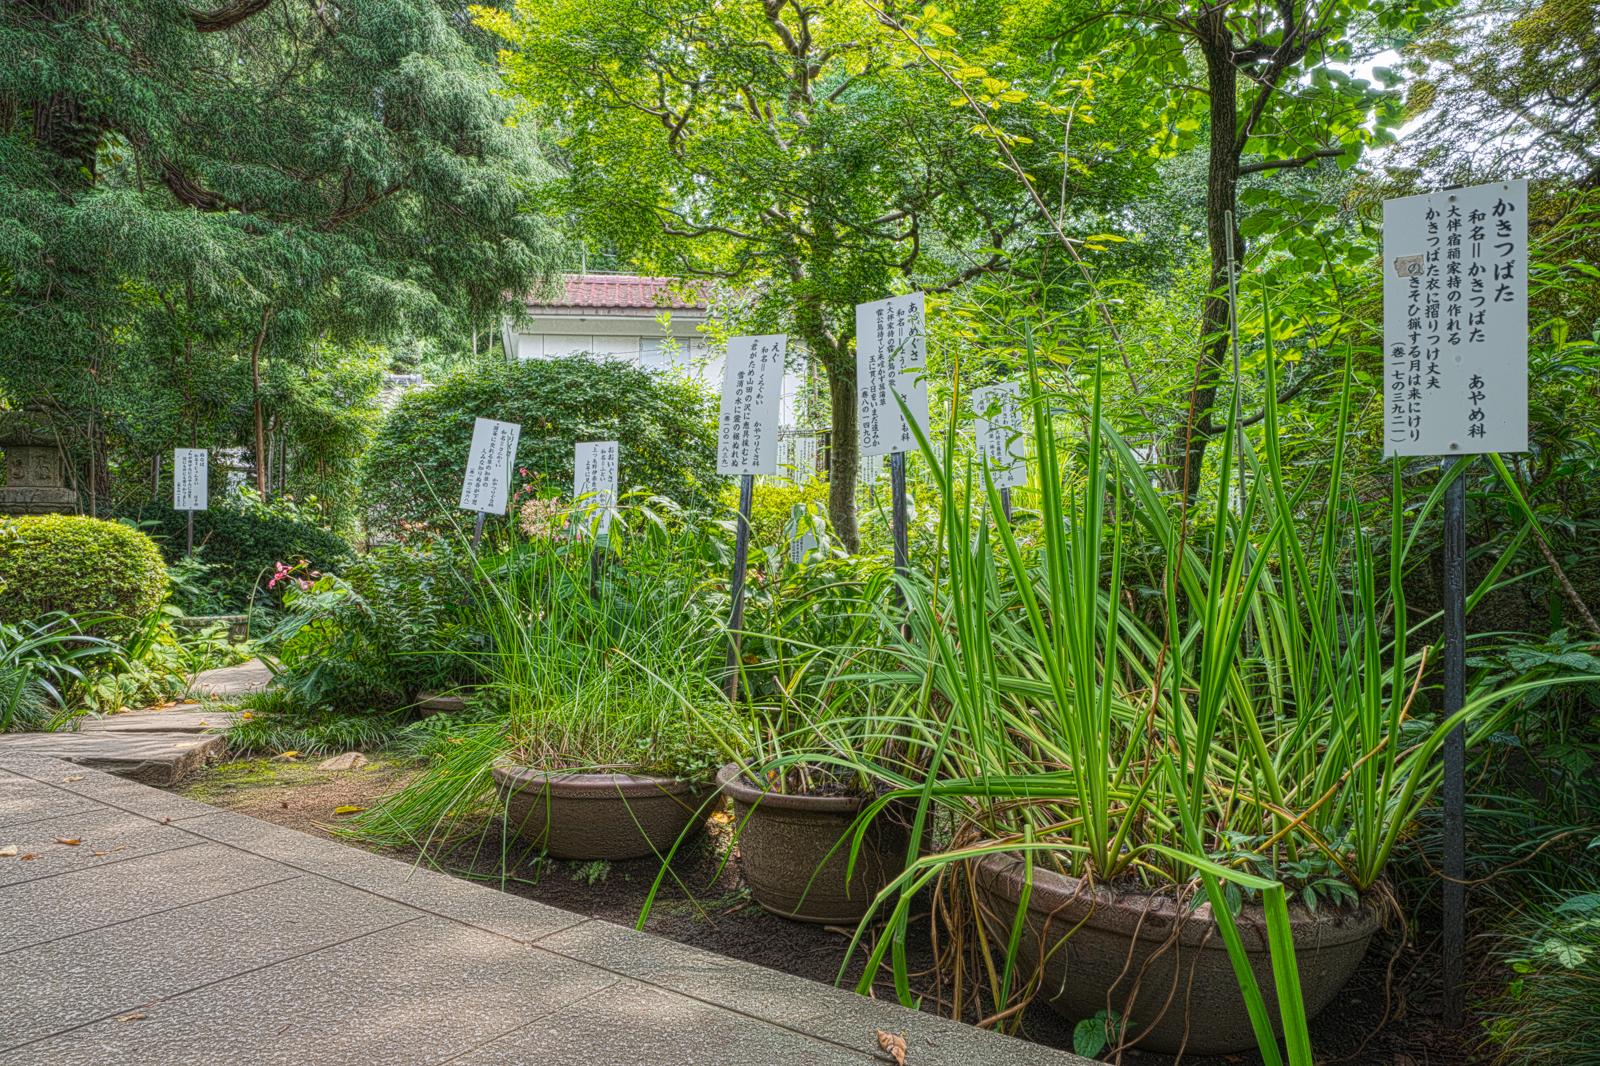 武蔵国分寺、万葉植物園の写真